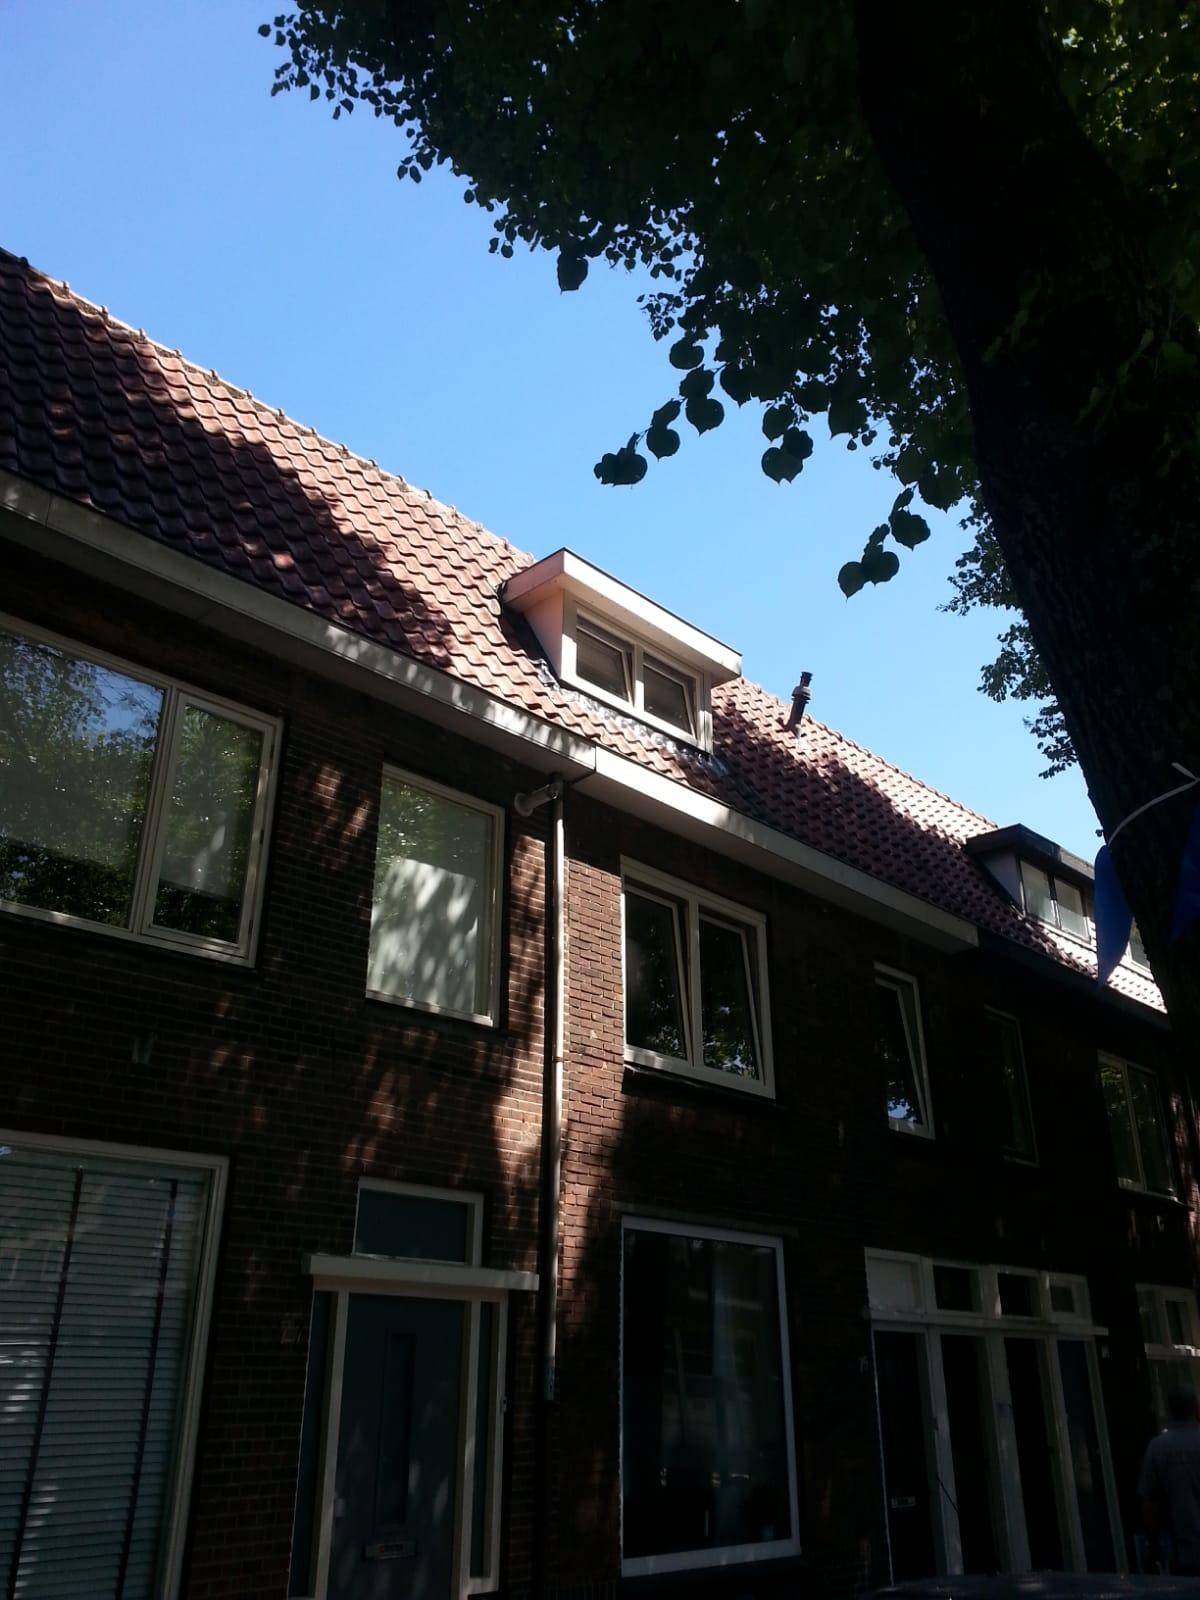 Dakkapel renovatie en kozijn vervangen te Utrecht!